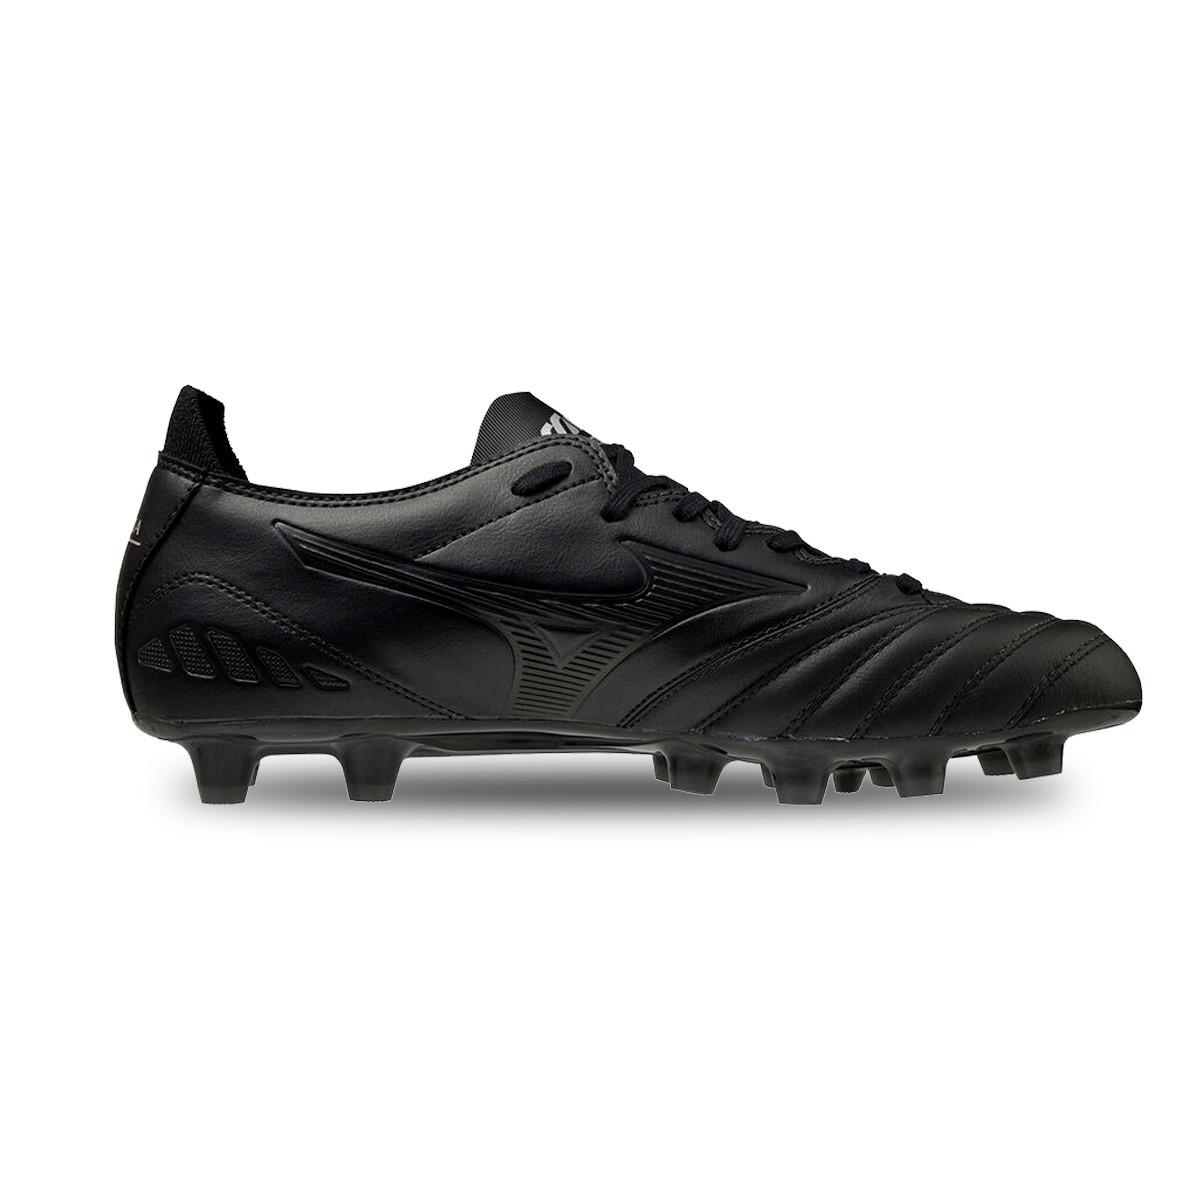 mizuno soccer shoes usa estados unidos chile